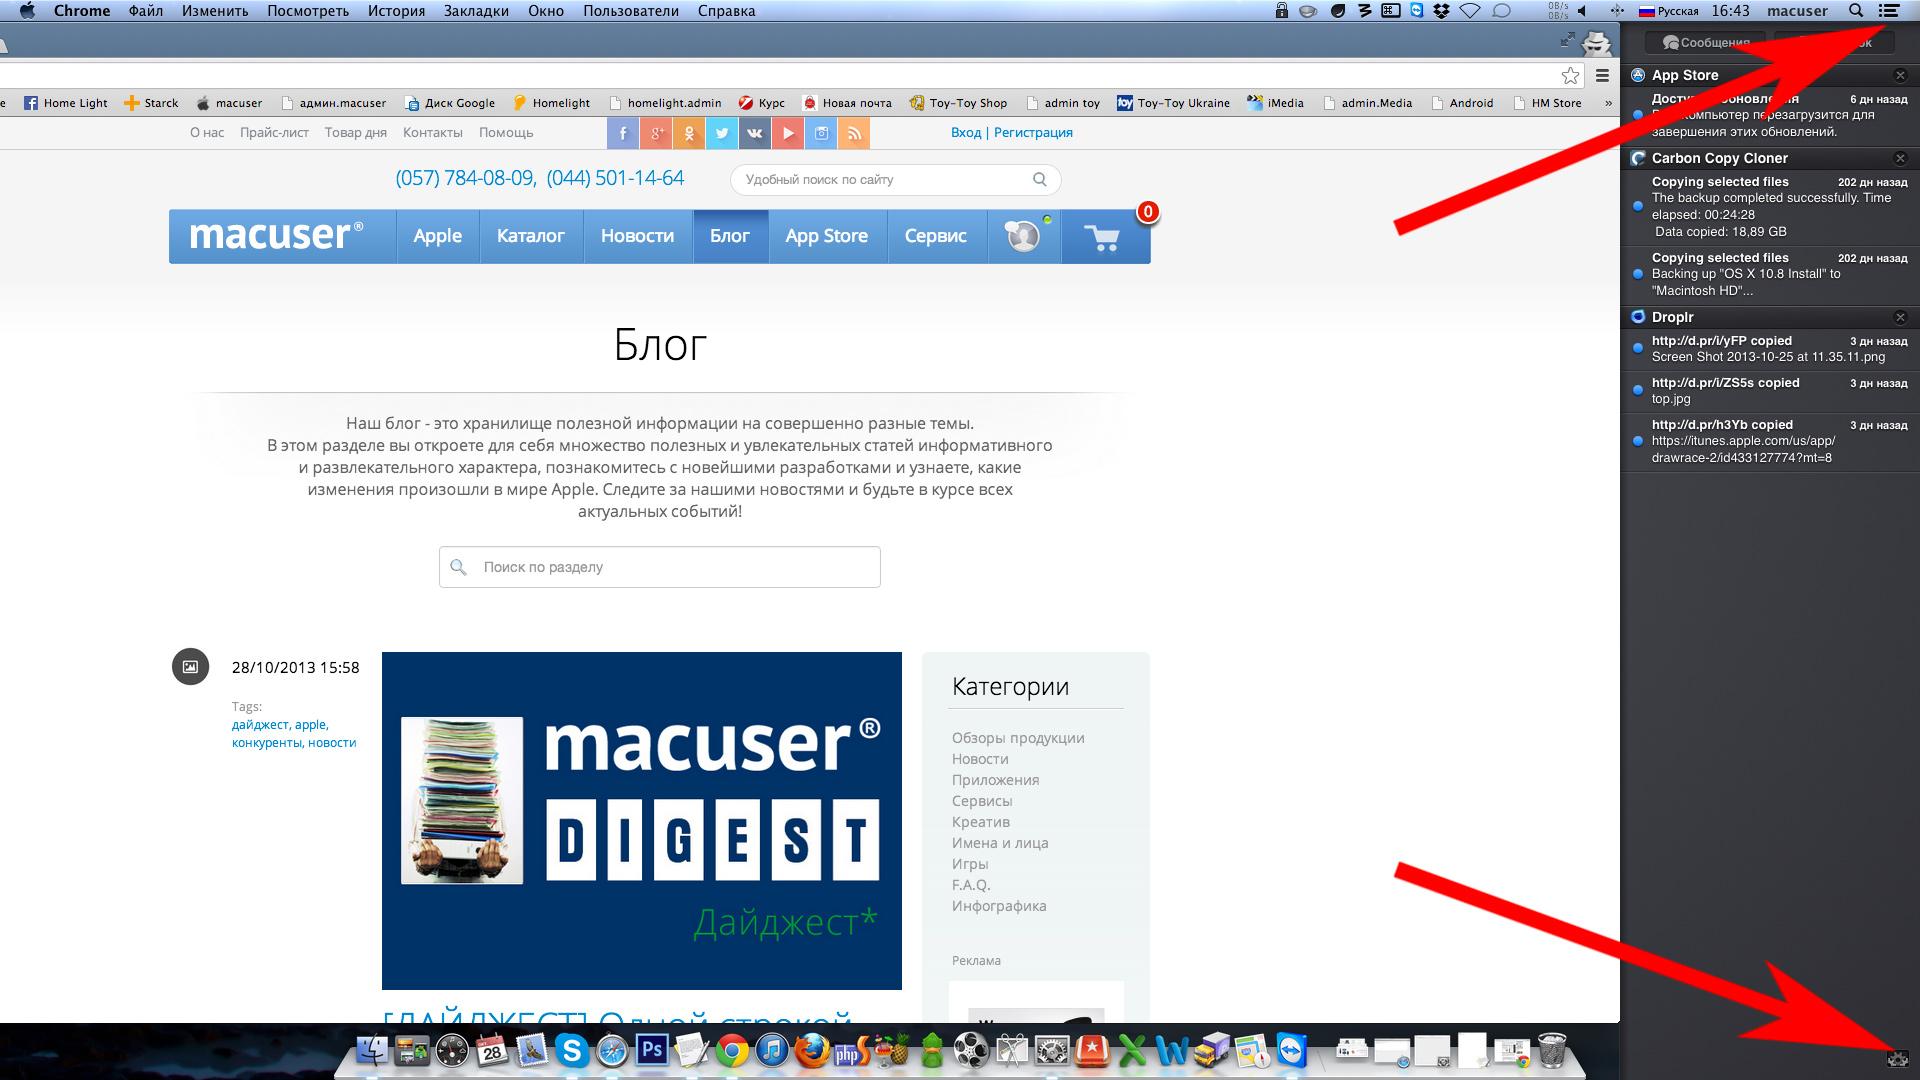 OS X Mavericks: учимся отключать назойливые уведомления на заблокированном экране Mac